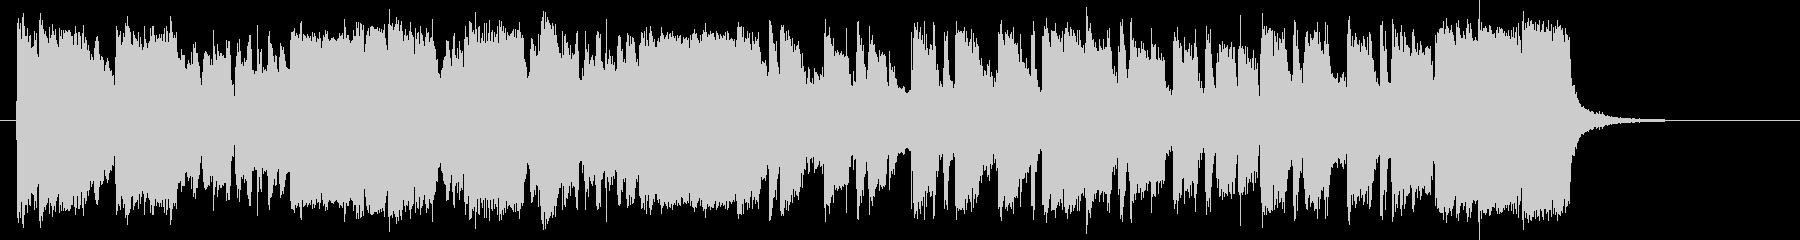 アップテンポなポップスバンドのジングルの未再生の波形